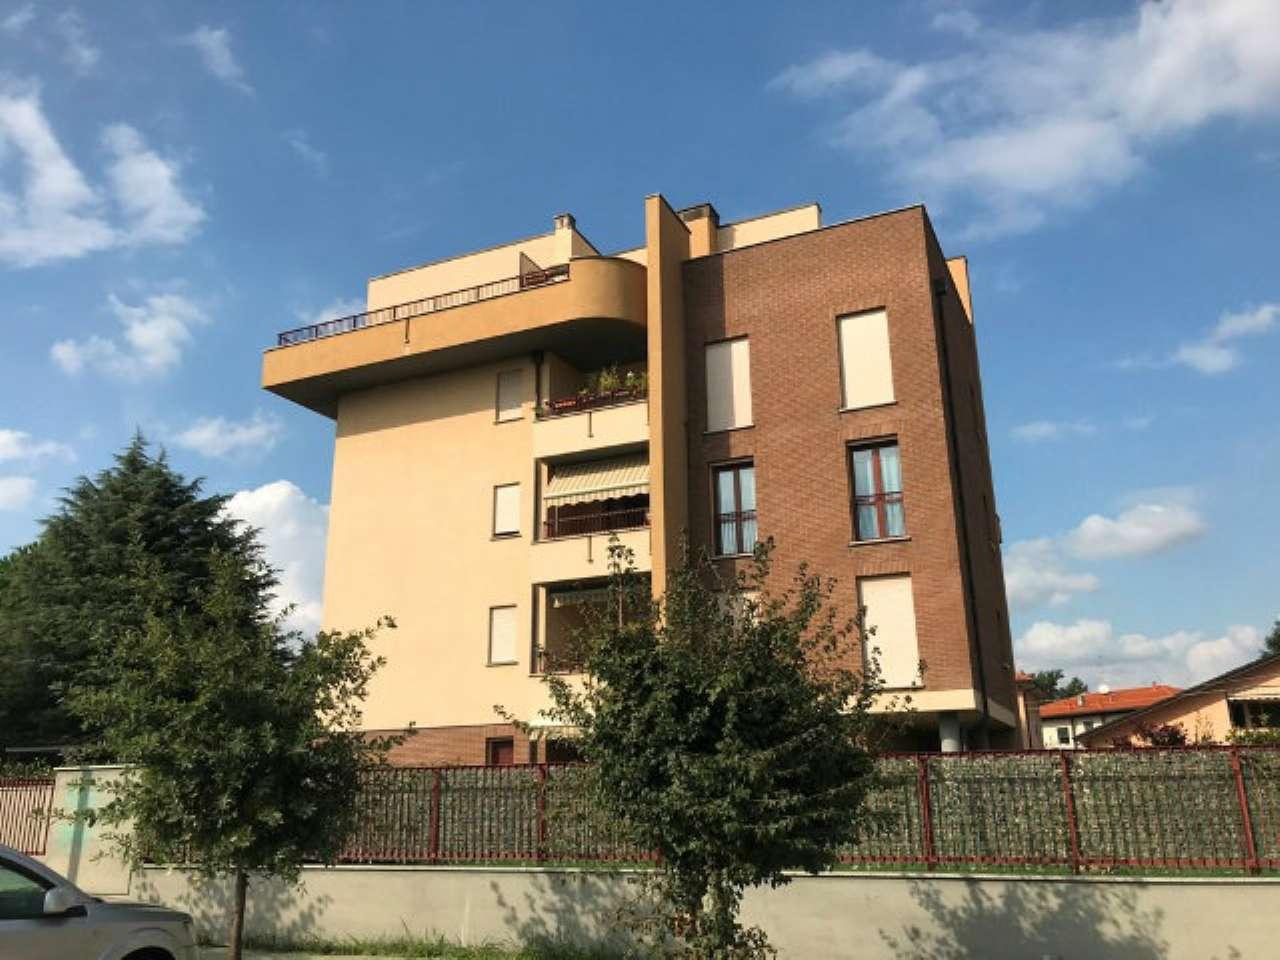 Attico / Mansarda in vendita a Cesano Maderno, 3 locali, prezzo € 258.000 | PortaleAgenzieImmobiliari.it